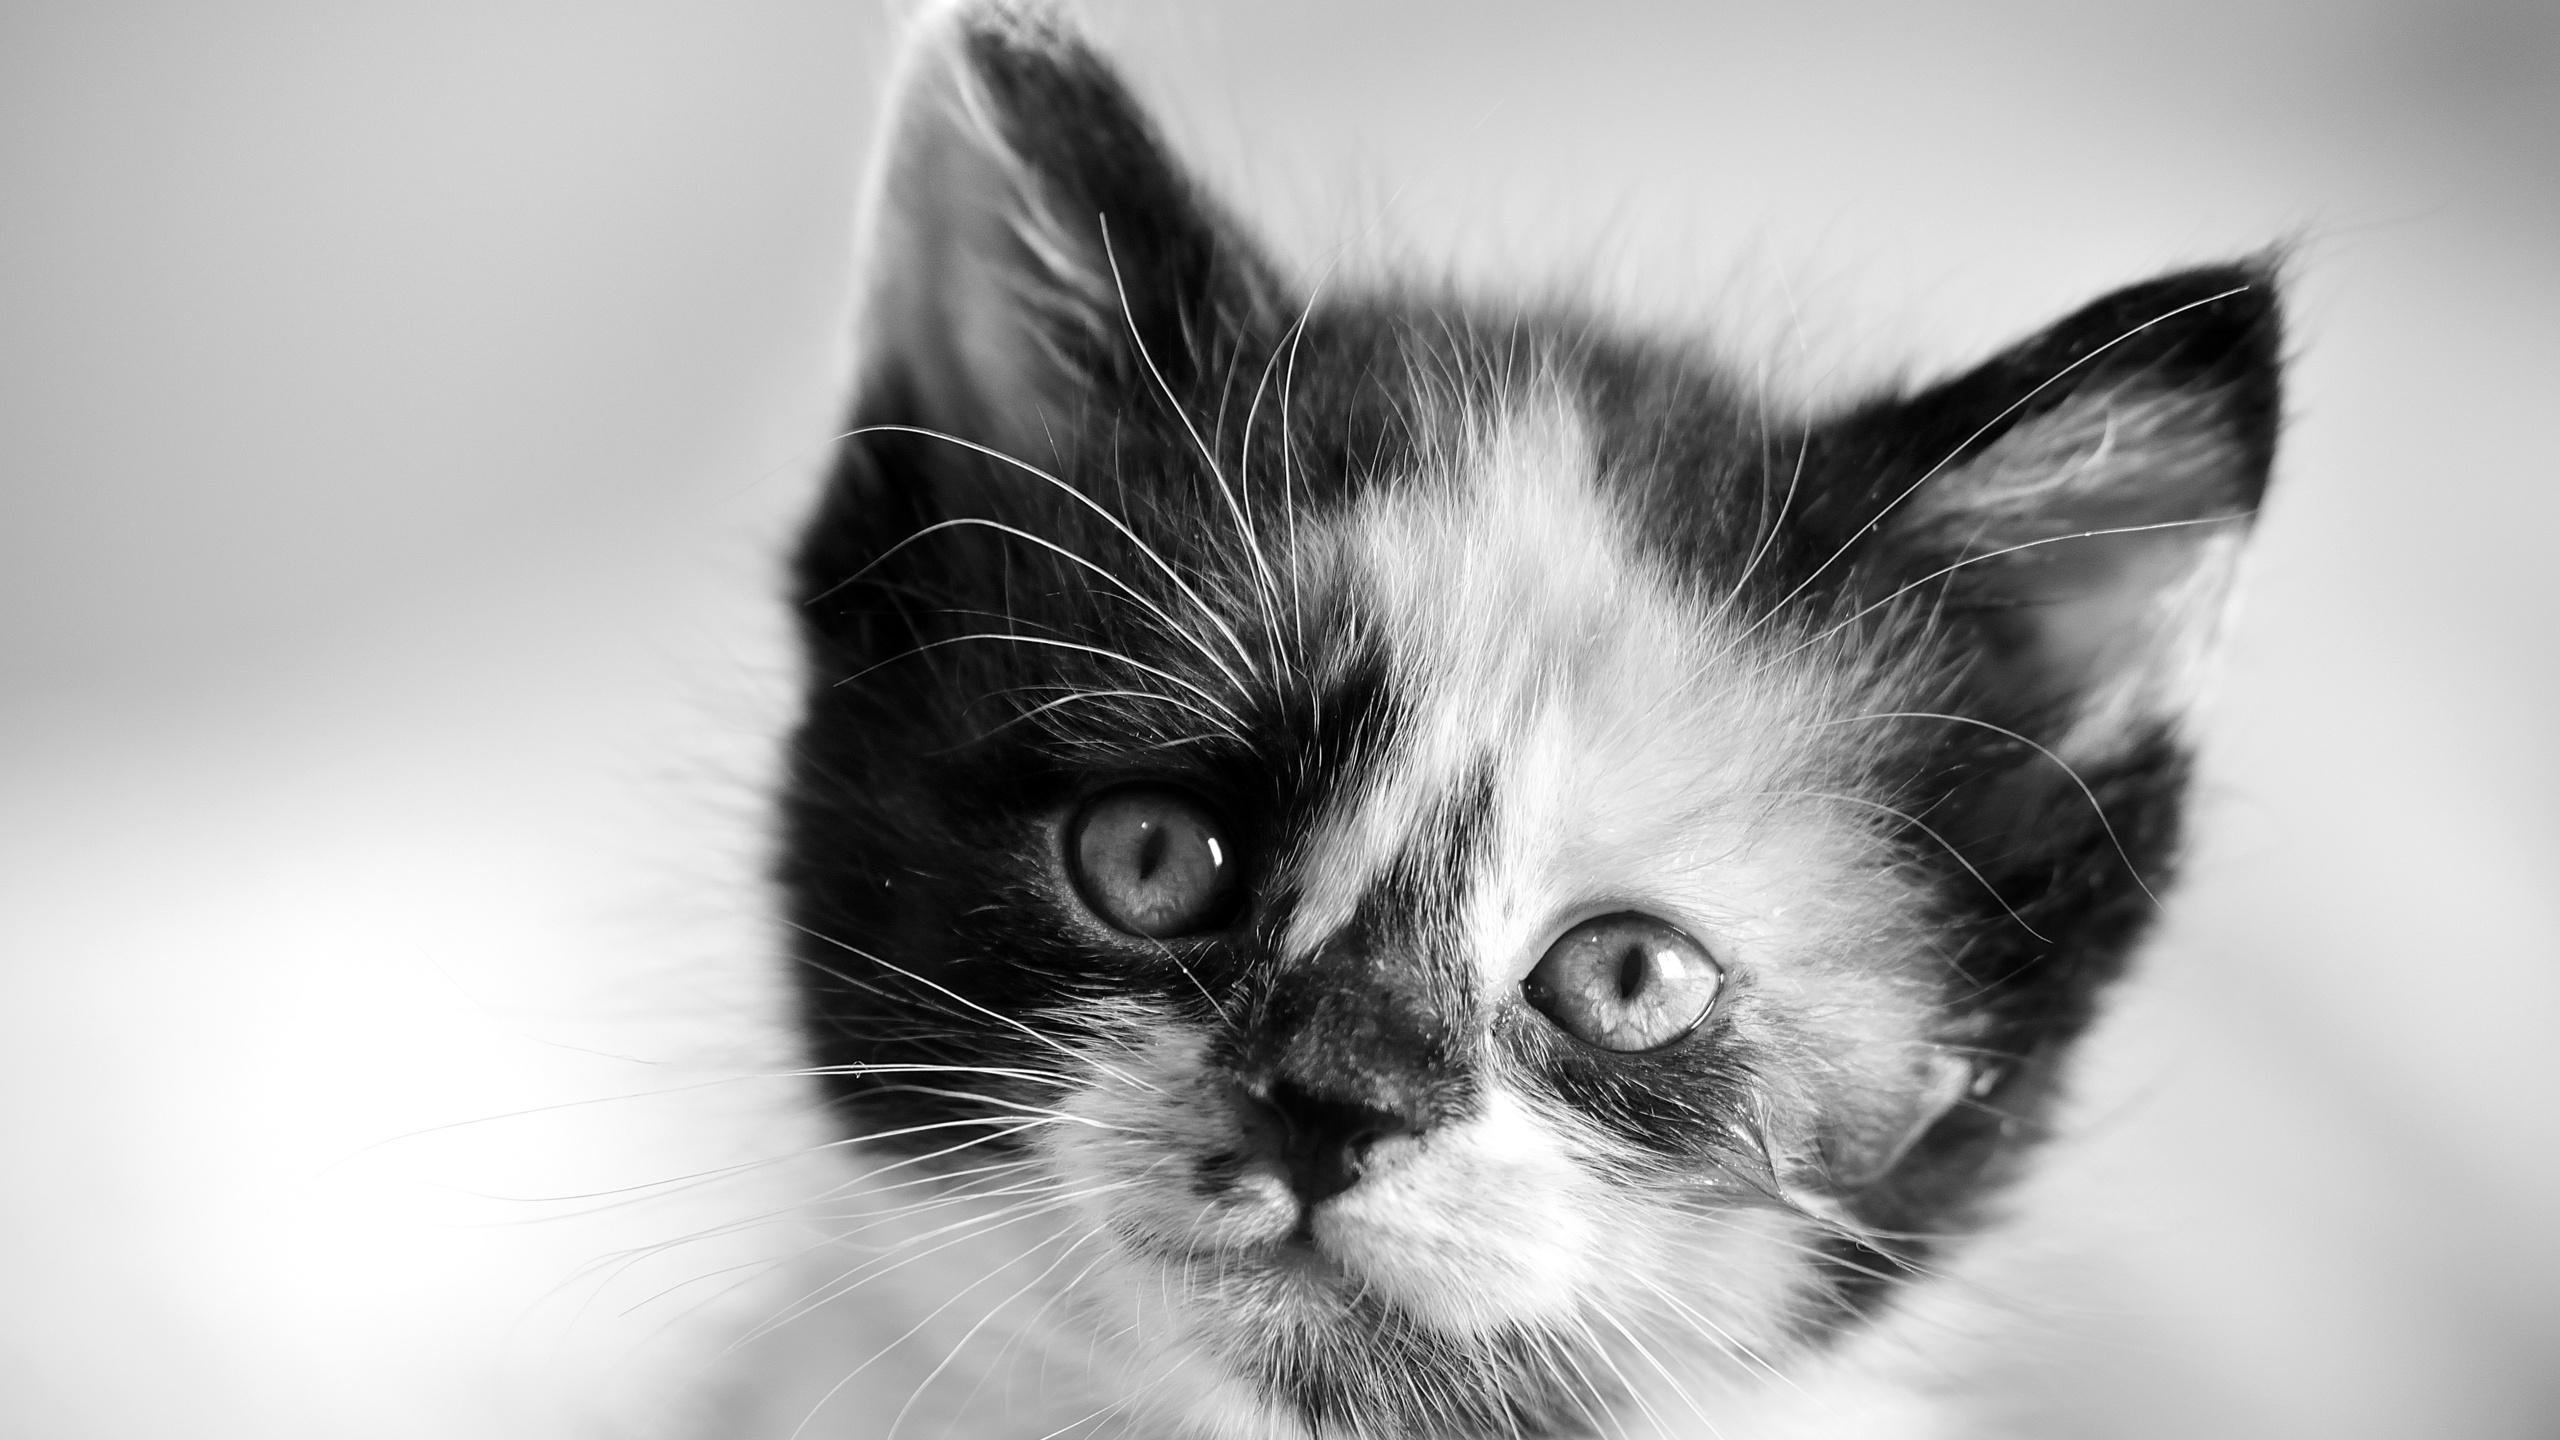 Картинка черно белого котика